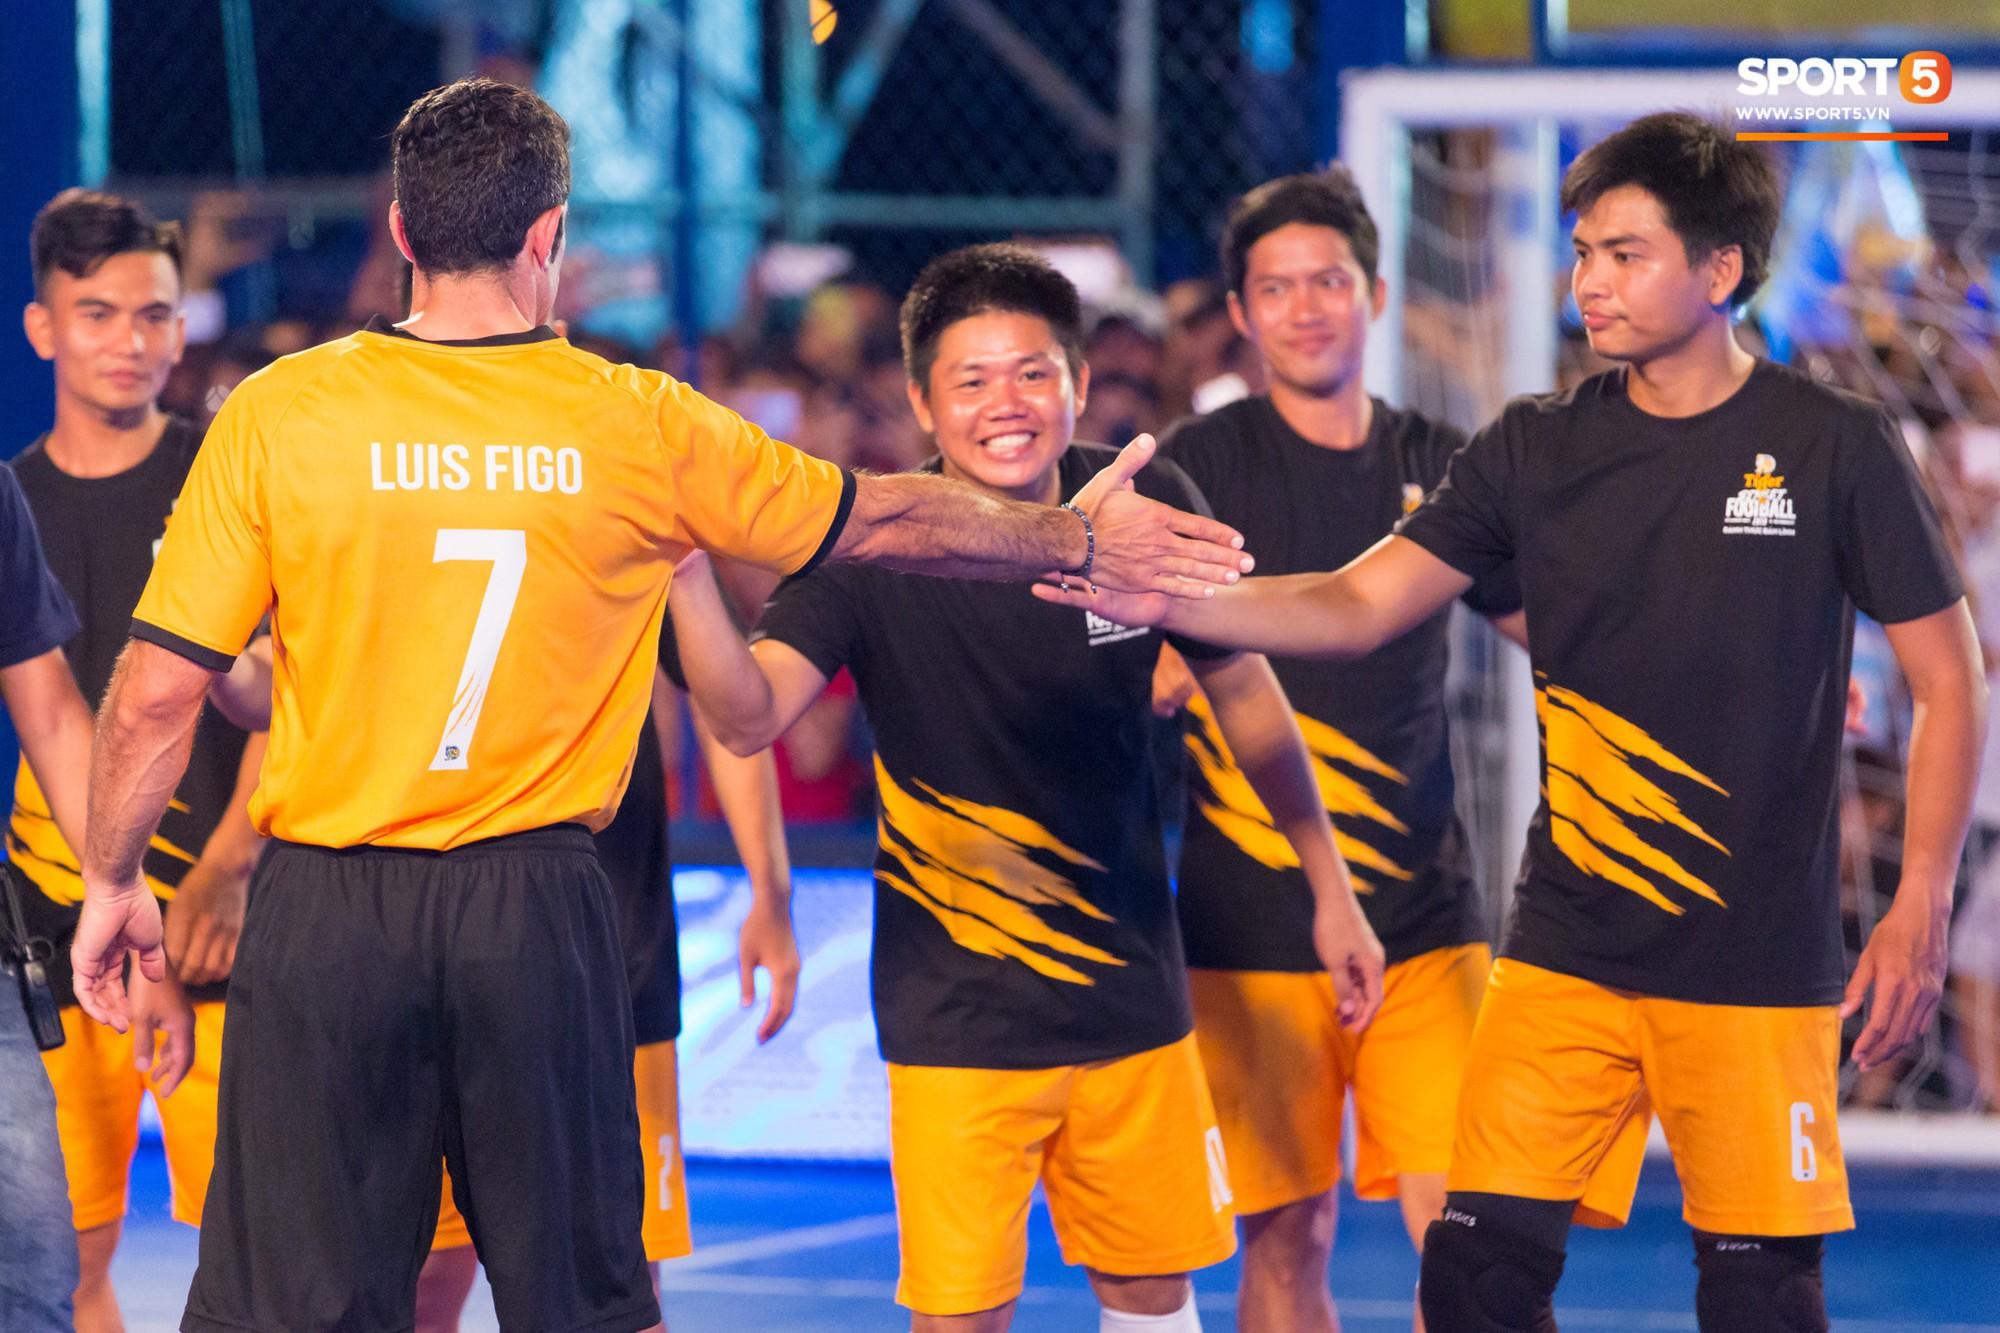 Phát sốt với khoảnh khắc huyền thoại bóng đá thế giới bày trò trêu khiến Lâm Tây cười như được mùa - Ảnh 9.